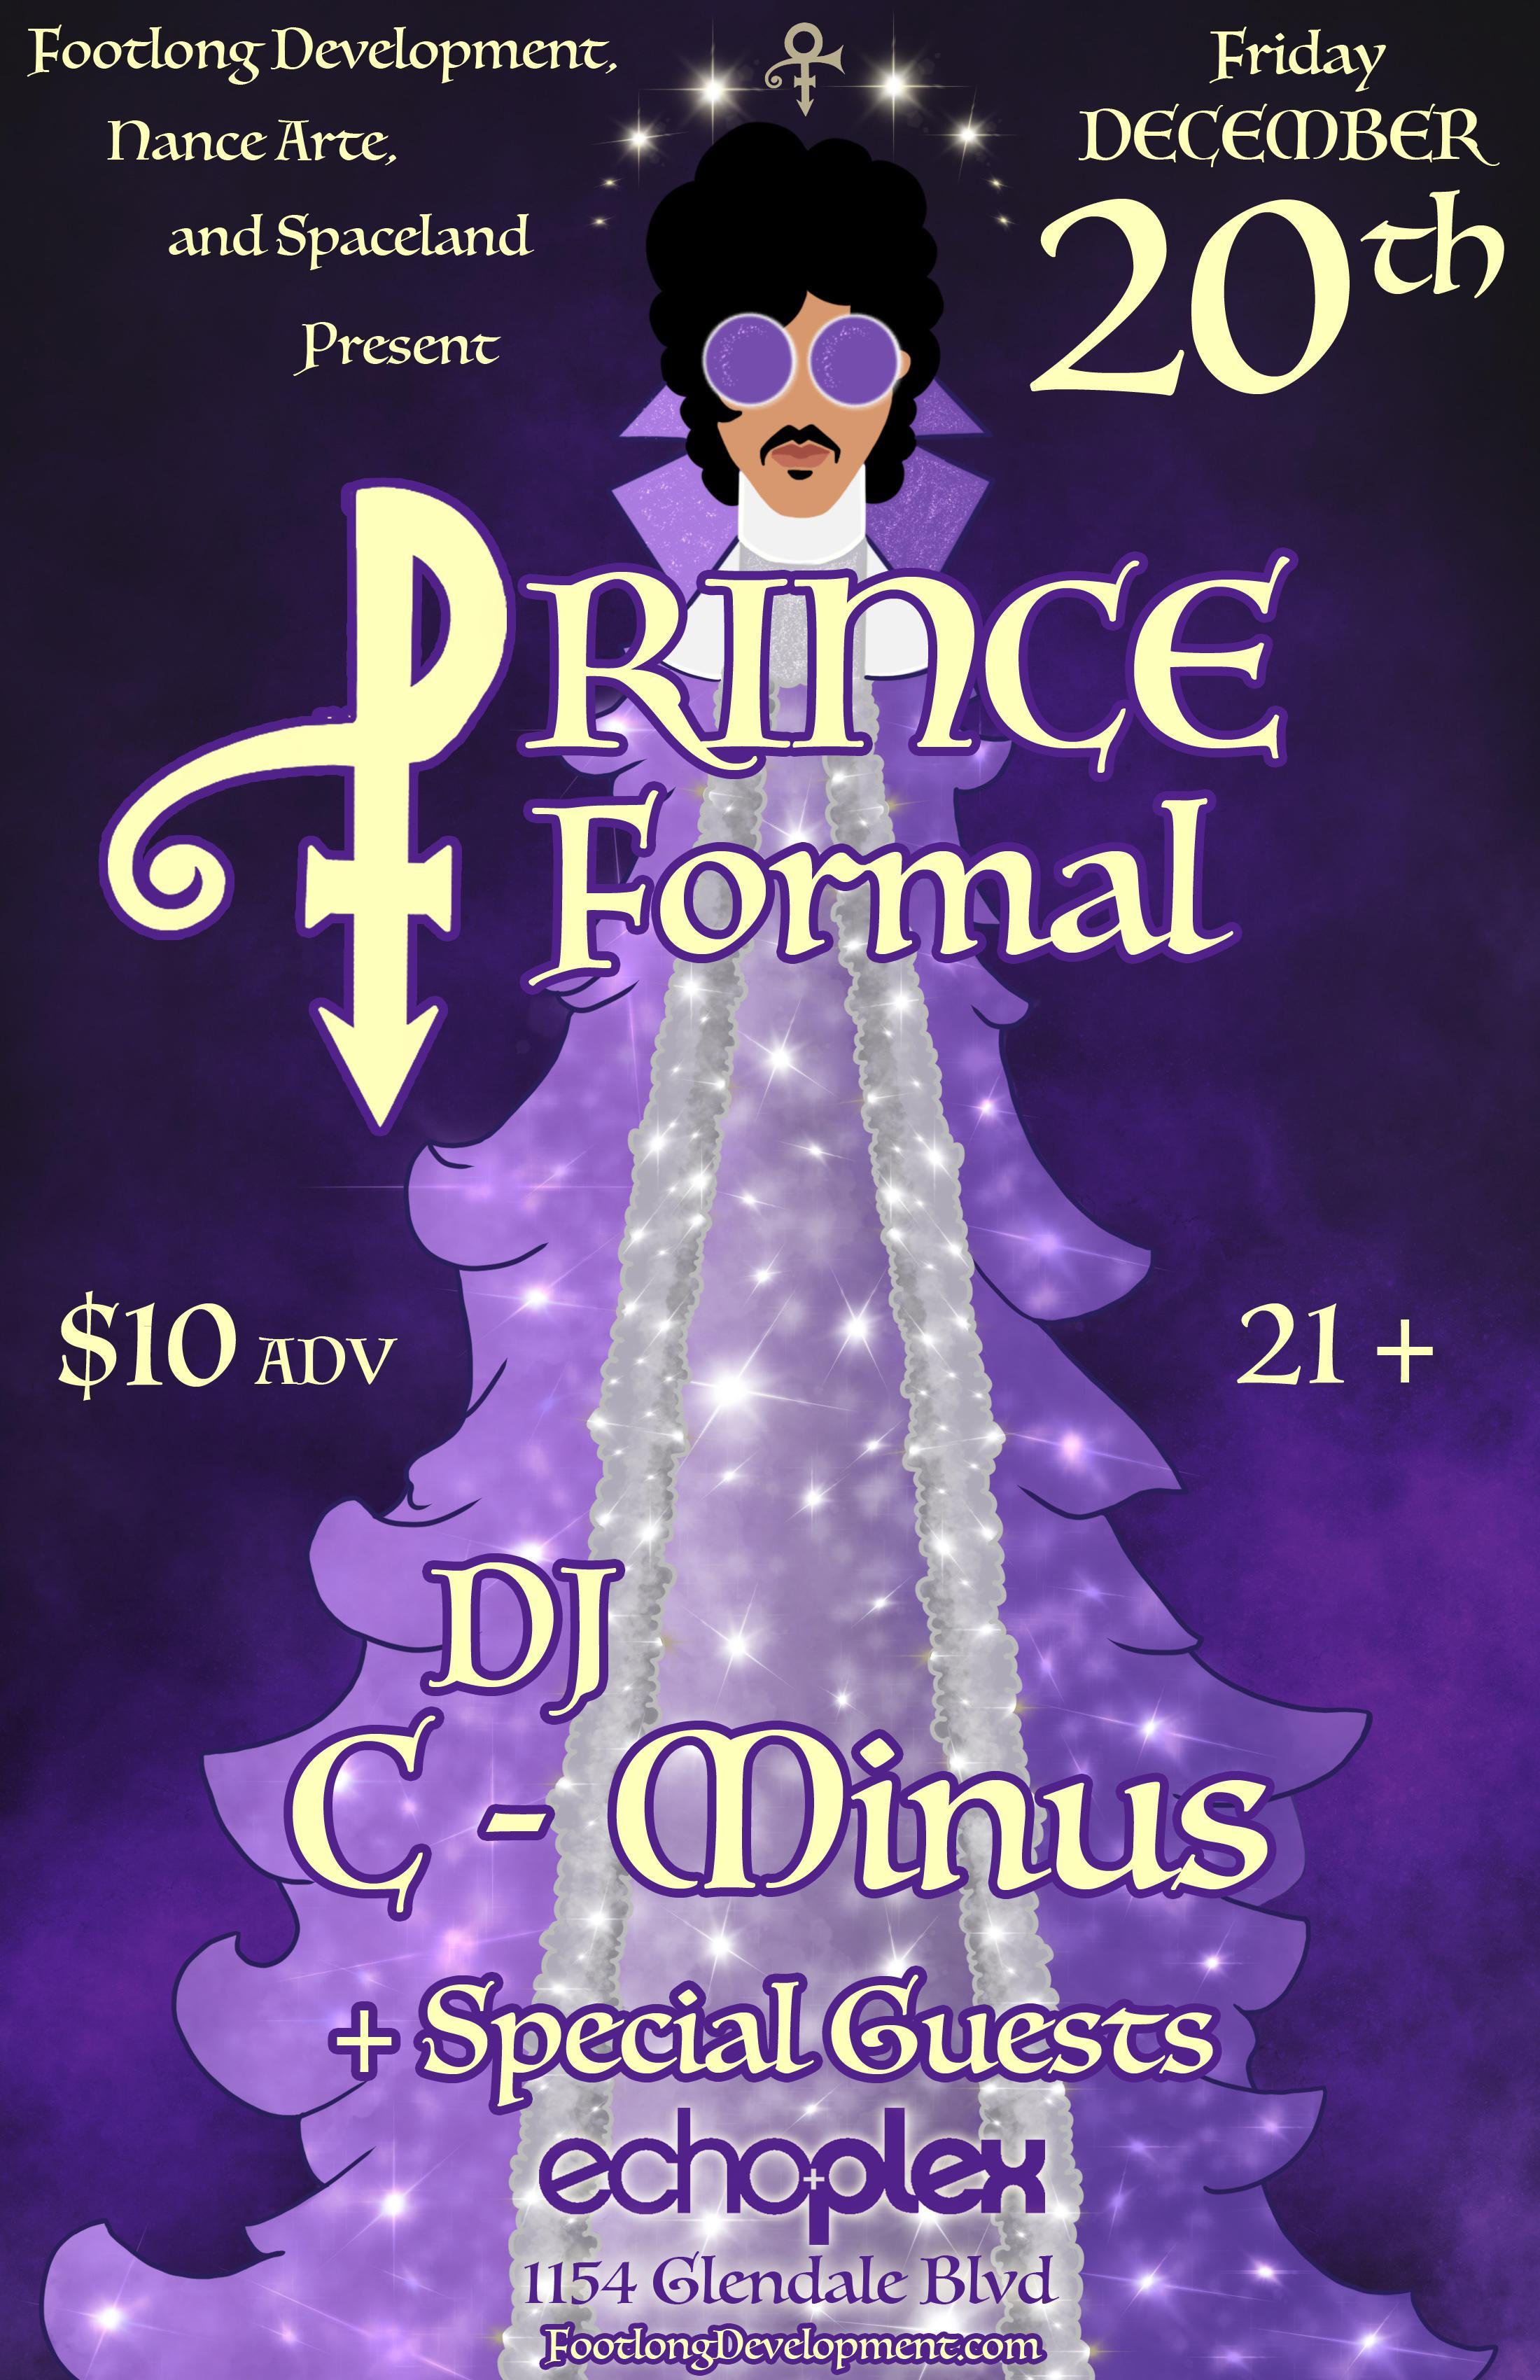 Prince Formal